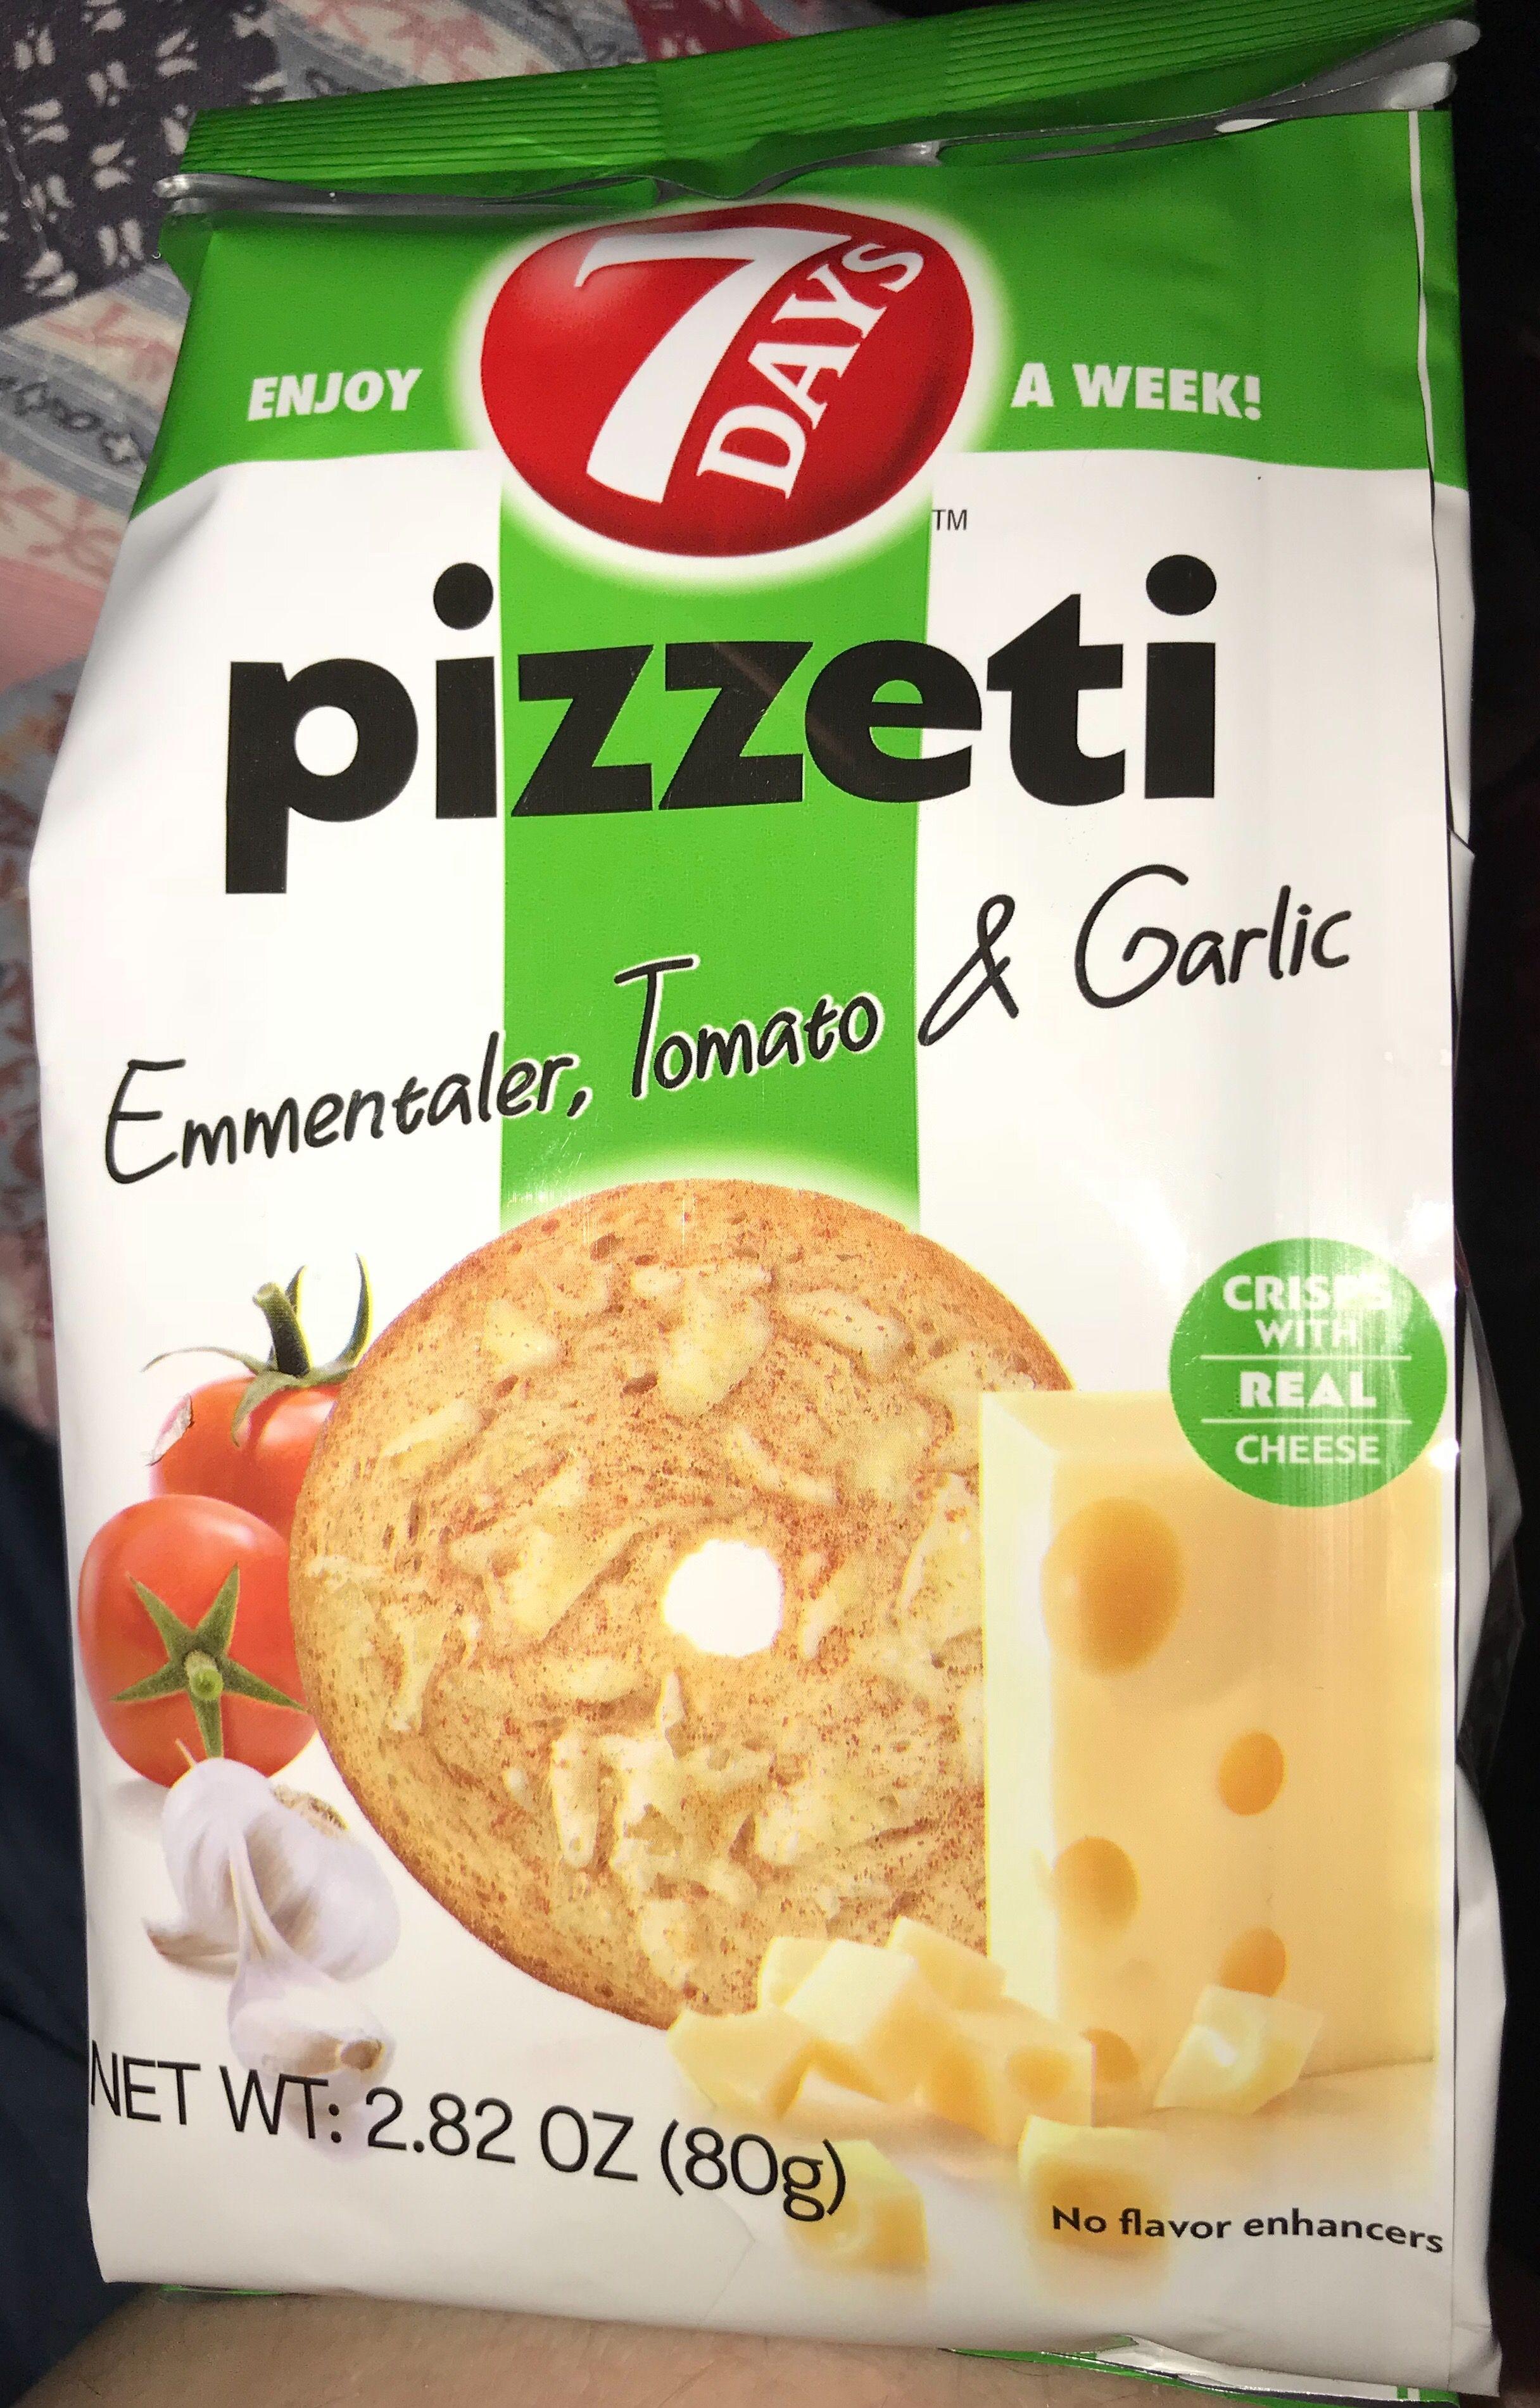 7 days pizzeti emmentaler tomato garlic flavor